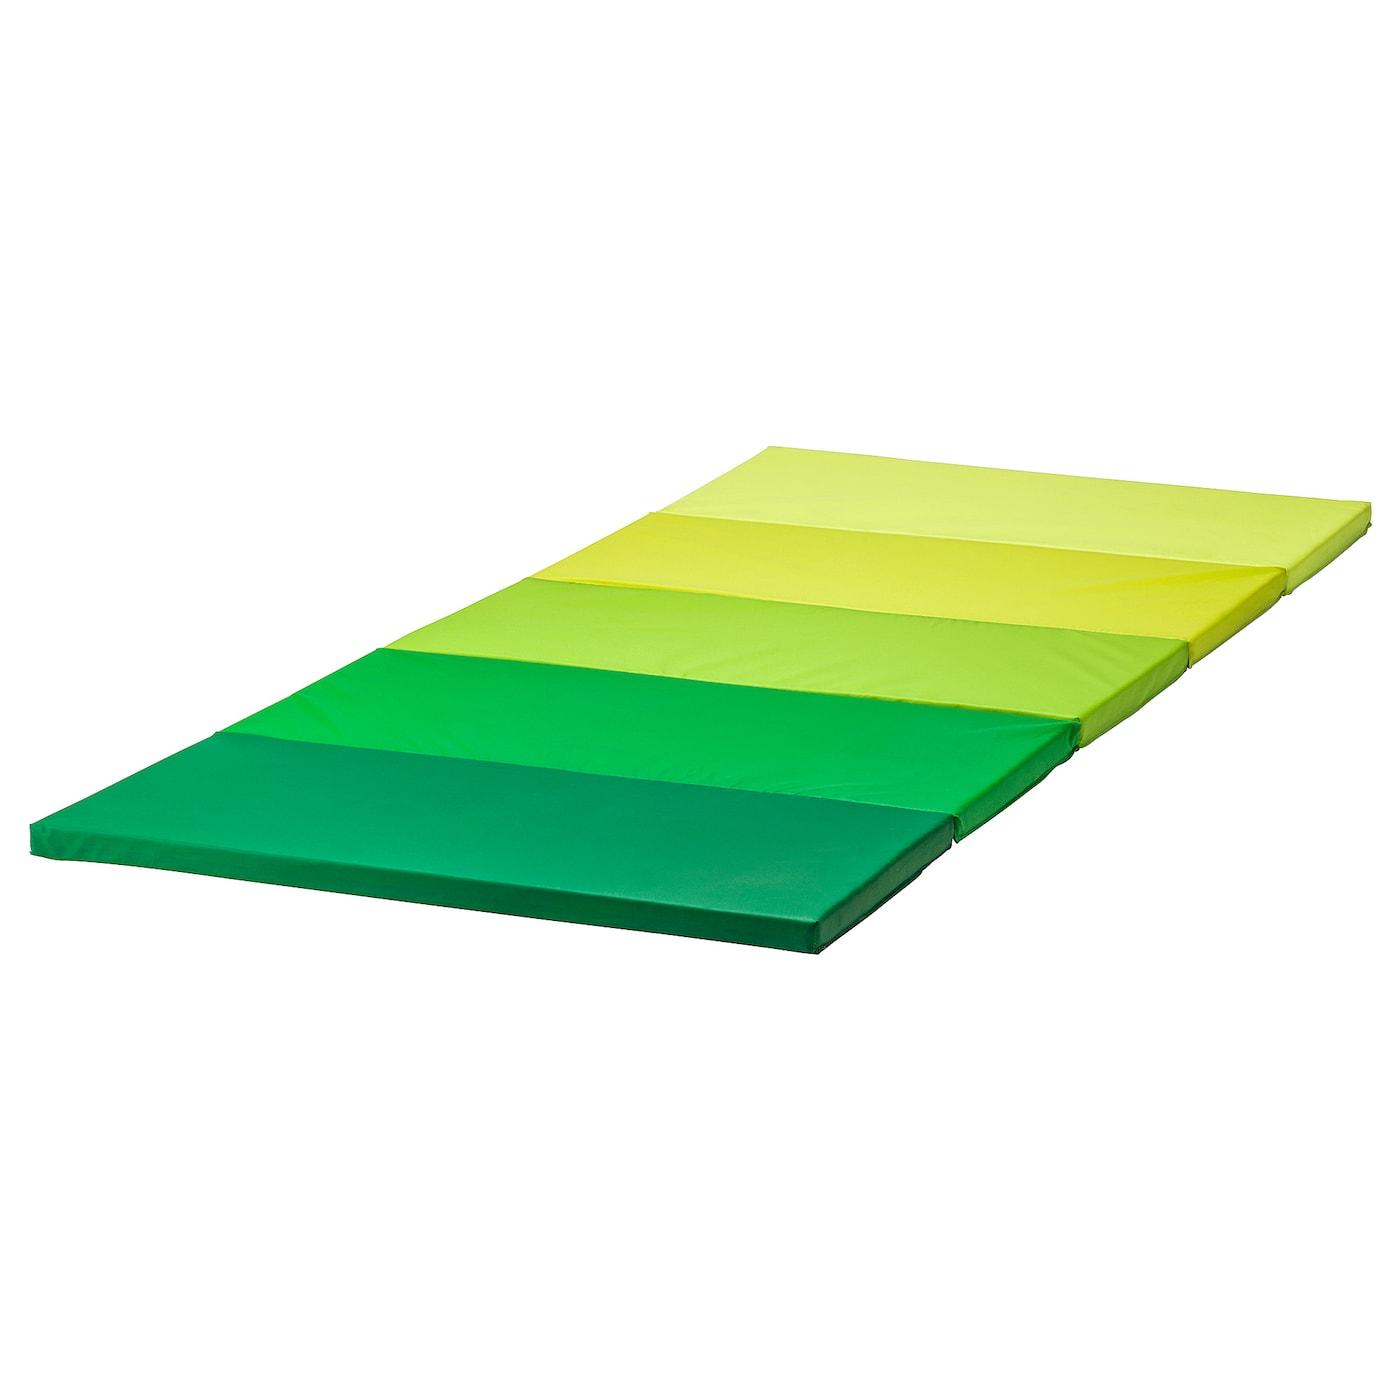 Tapis De Motricité Pas Cher plufsig tapis de gymnastique pliant - vert 78x185 cm